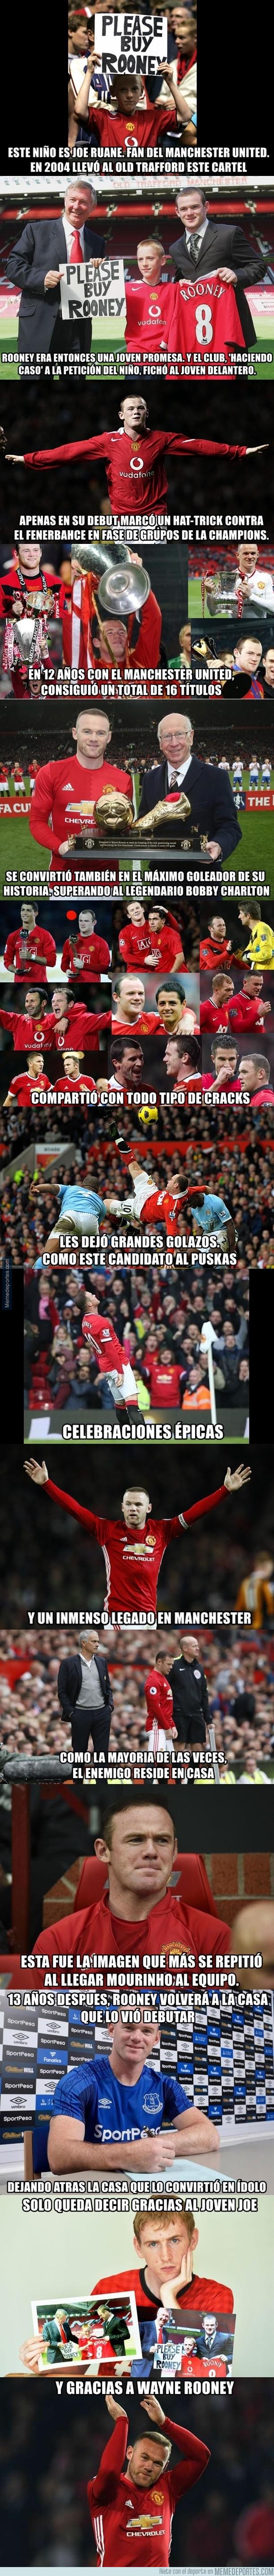 986715 - El adiós a Rooney del Manchester United